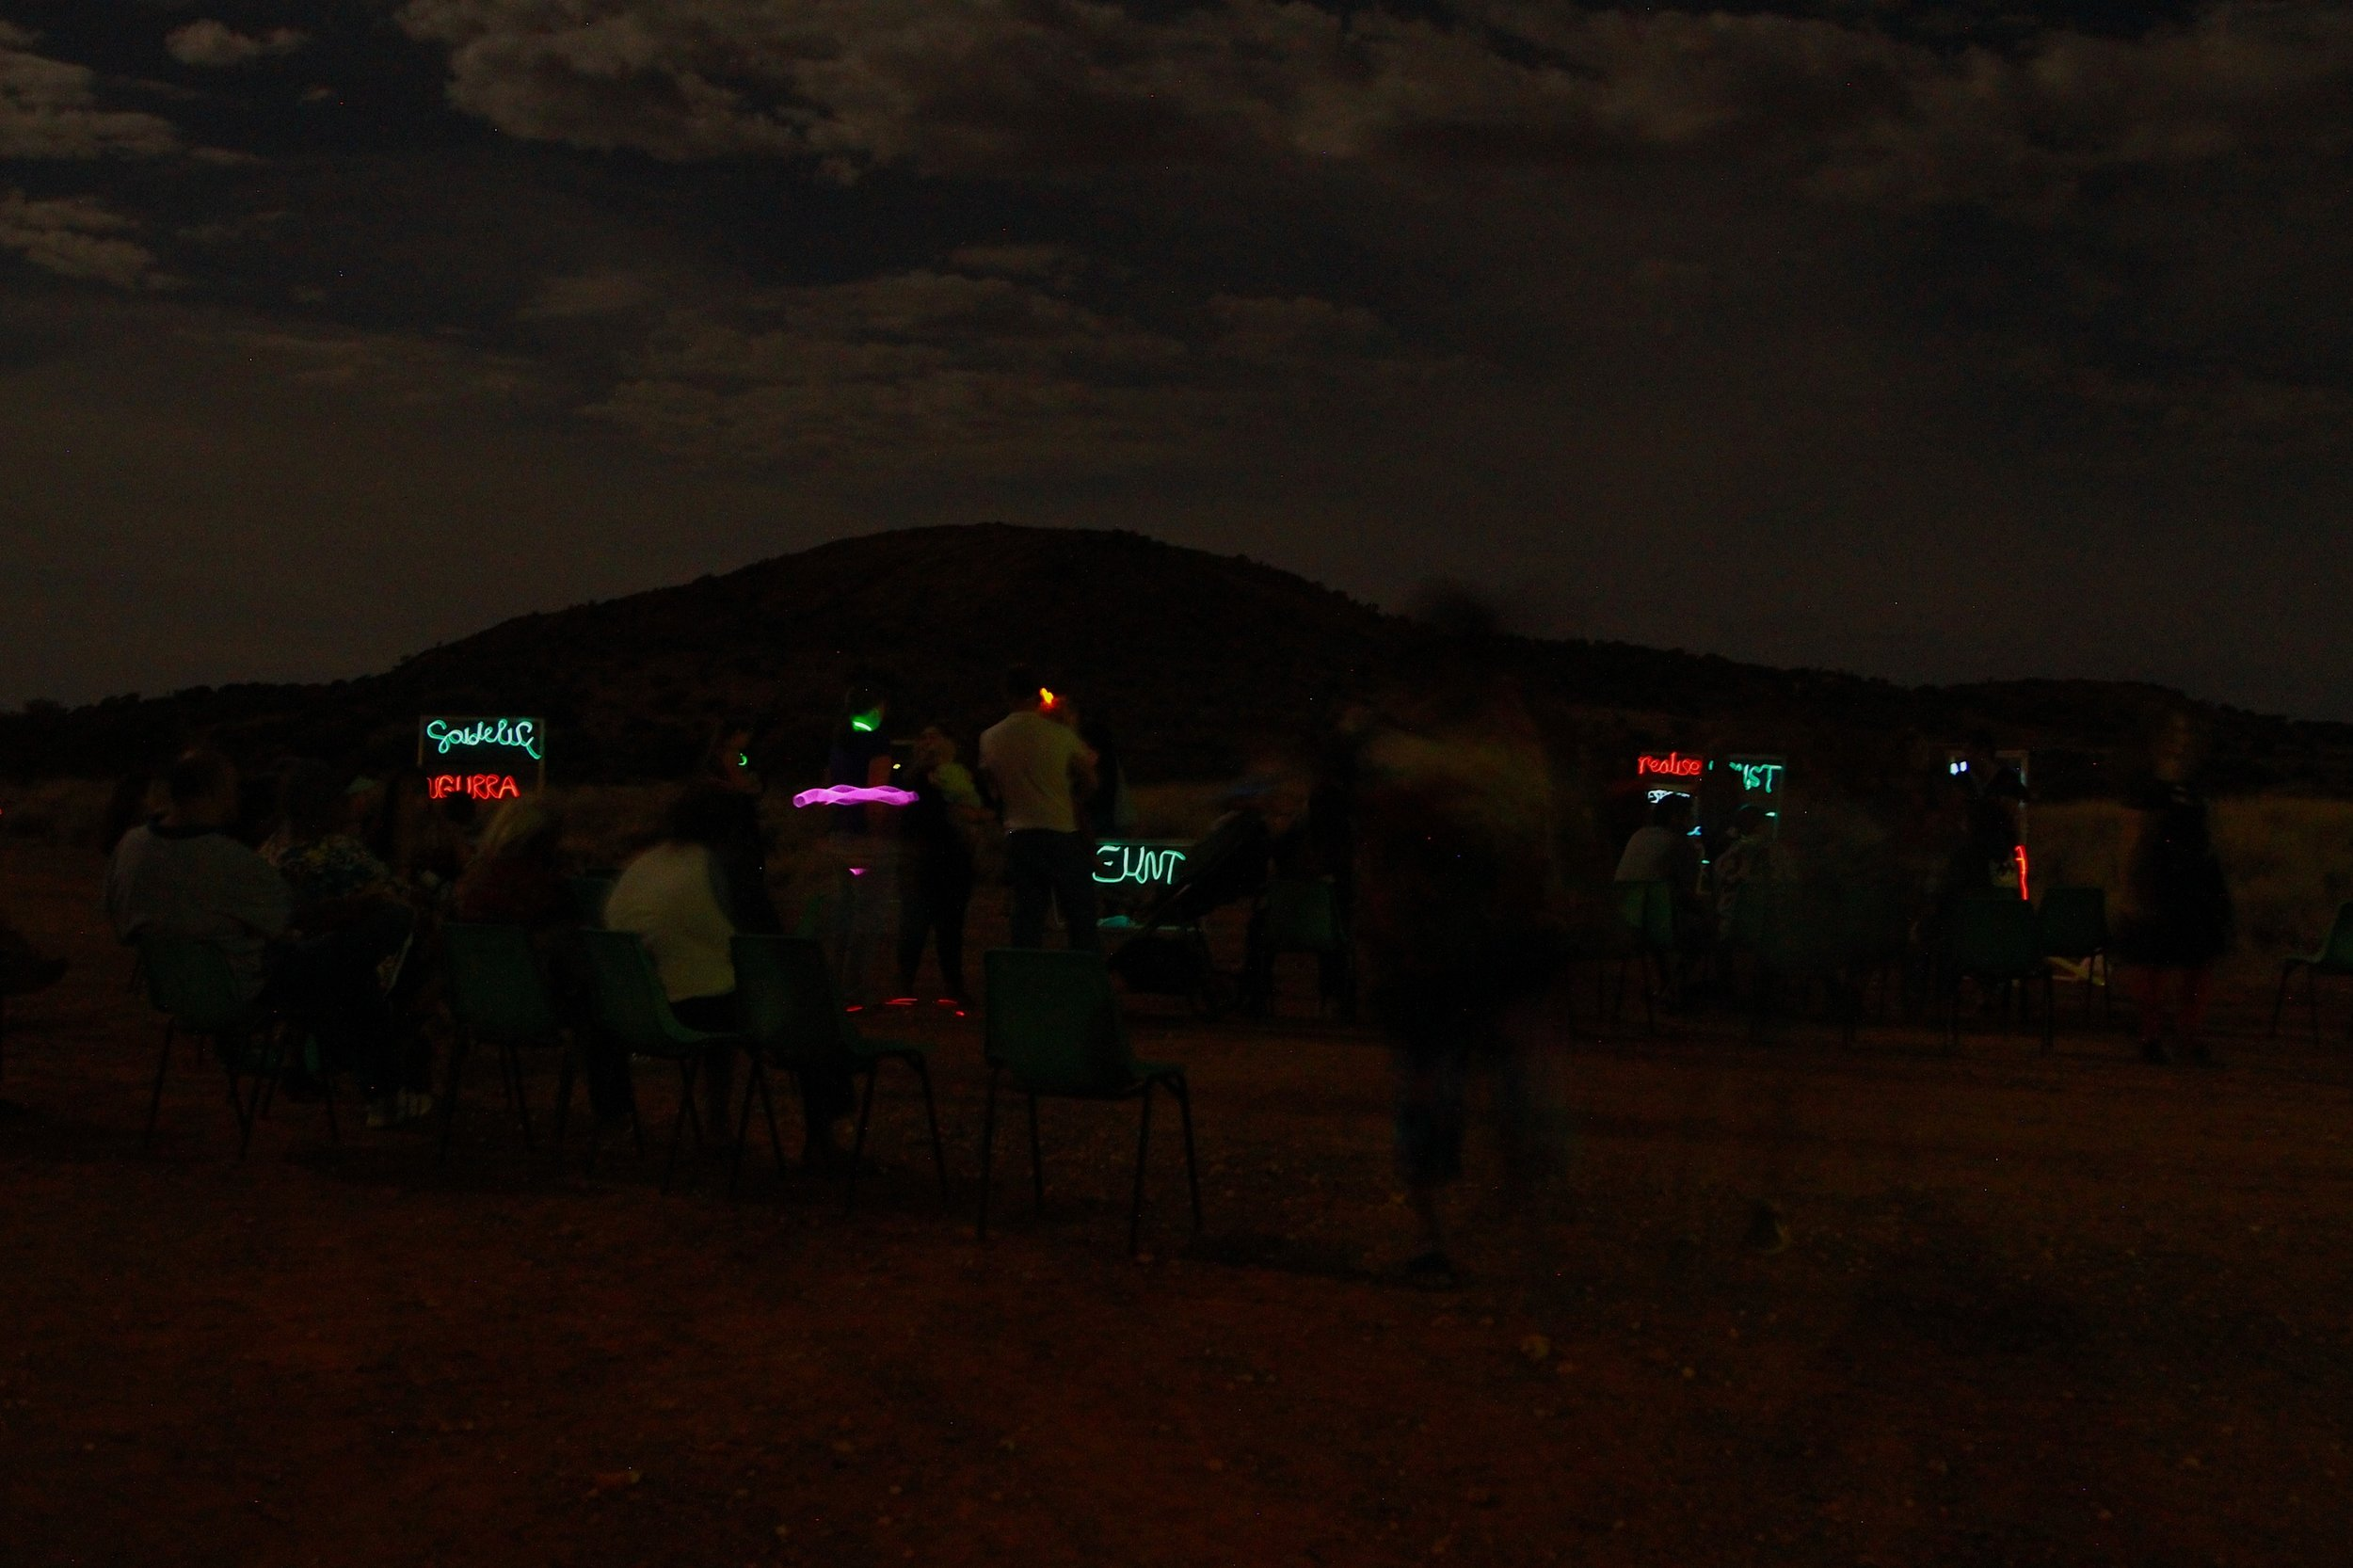 Lights_landscape_event.jpg